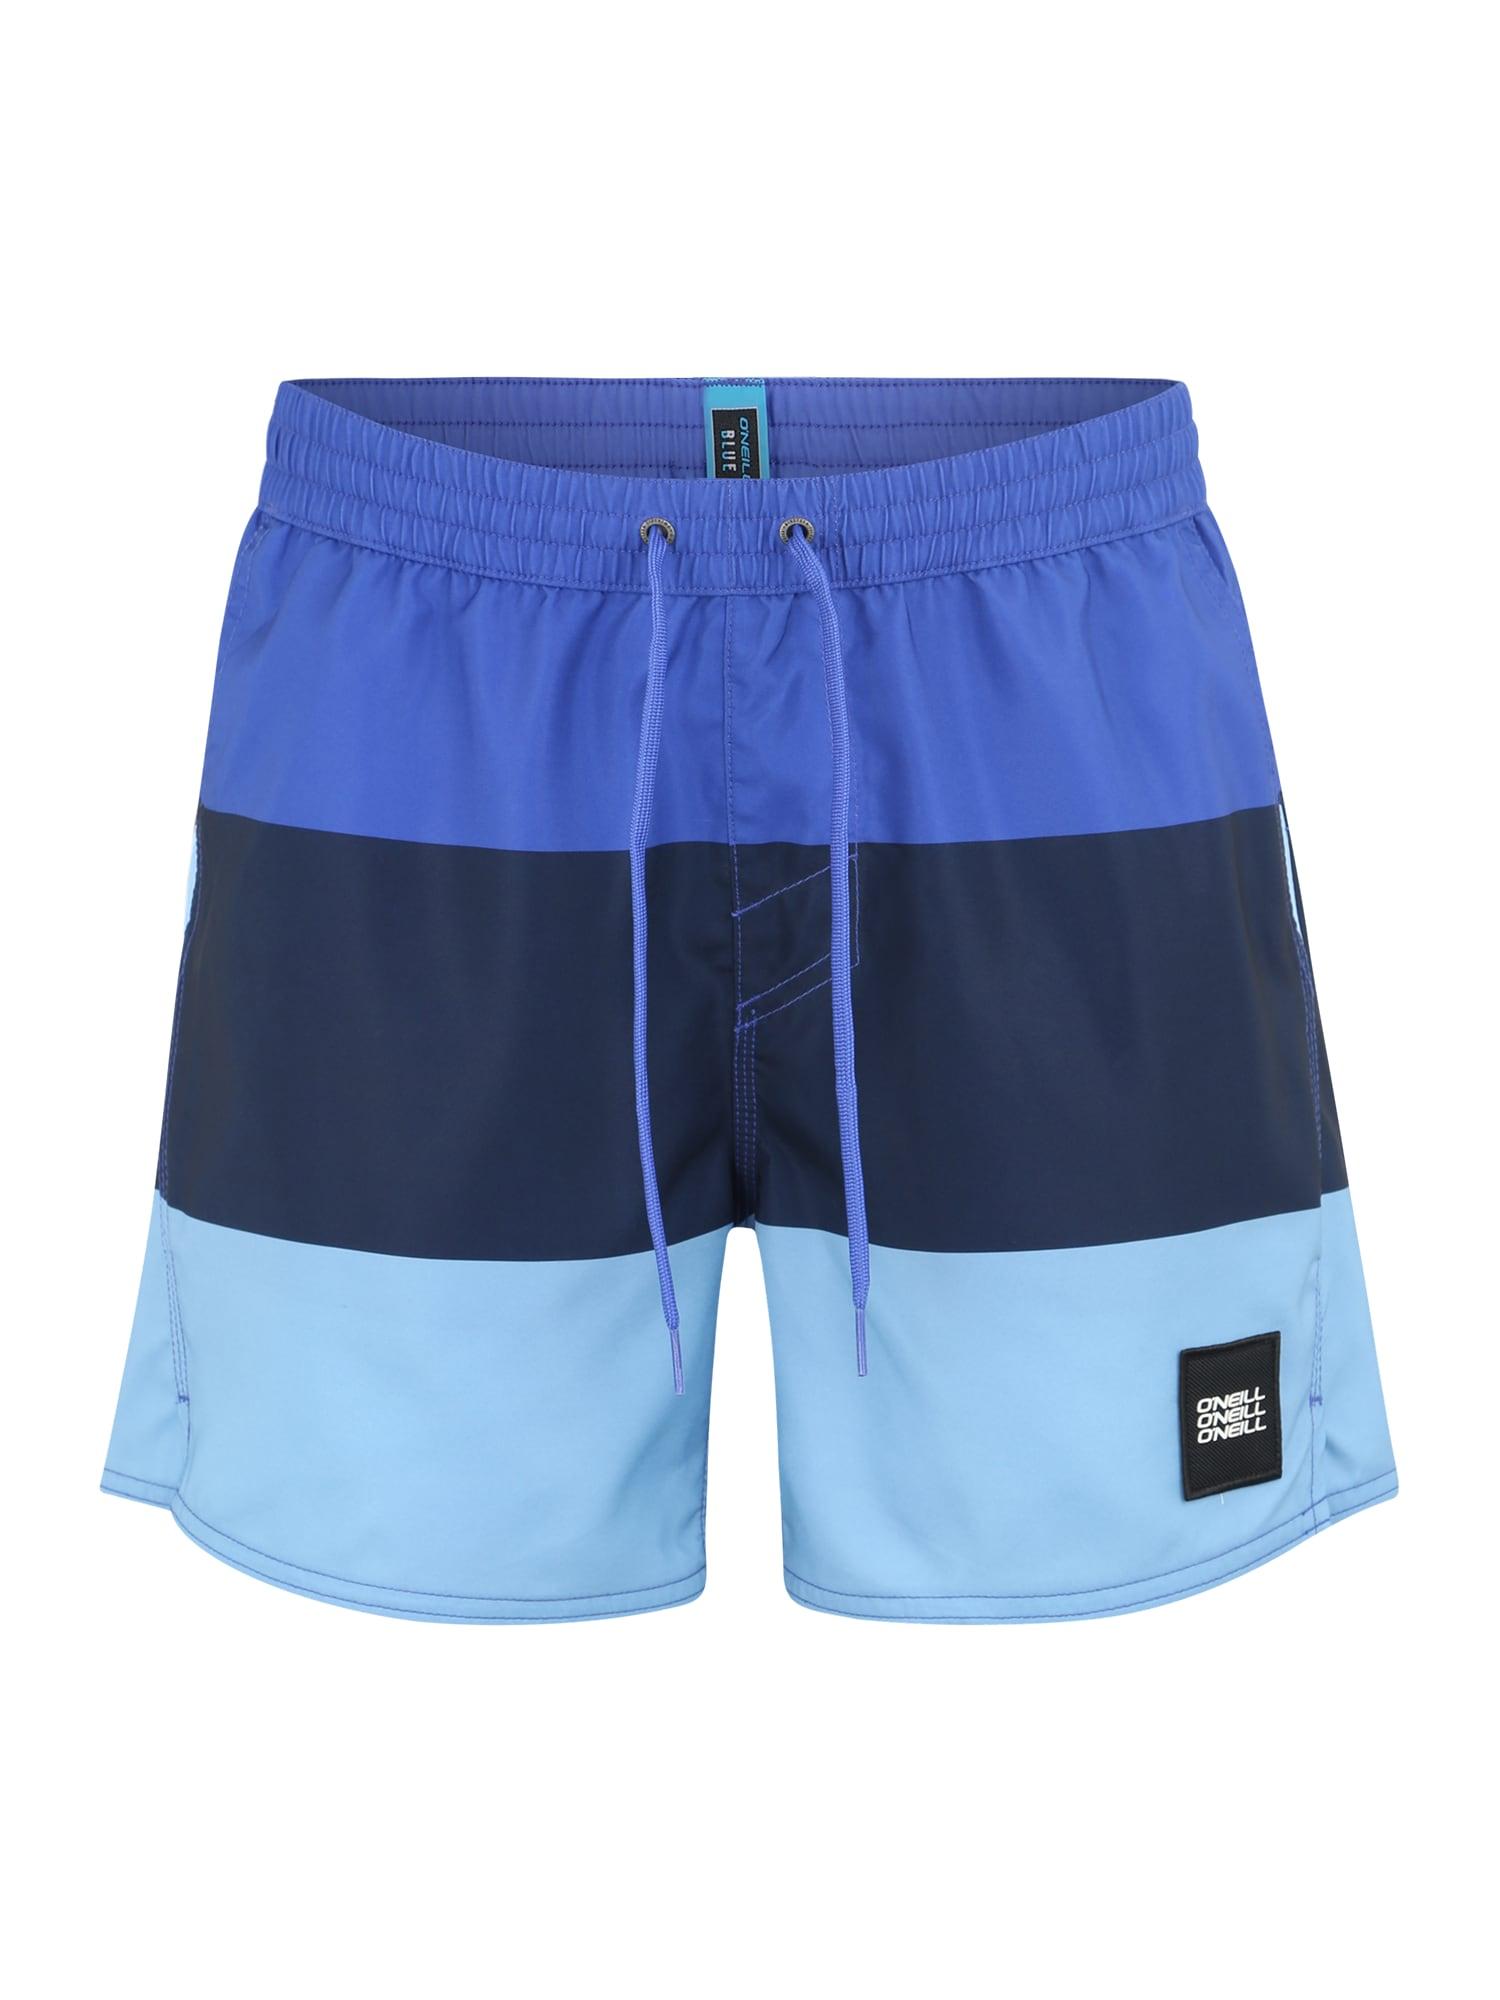 ONEILL Sportovní plavky Vert-Horizon modrá světlemodrá tmavě modrá O'NEILL